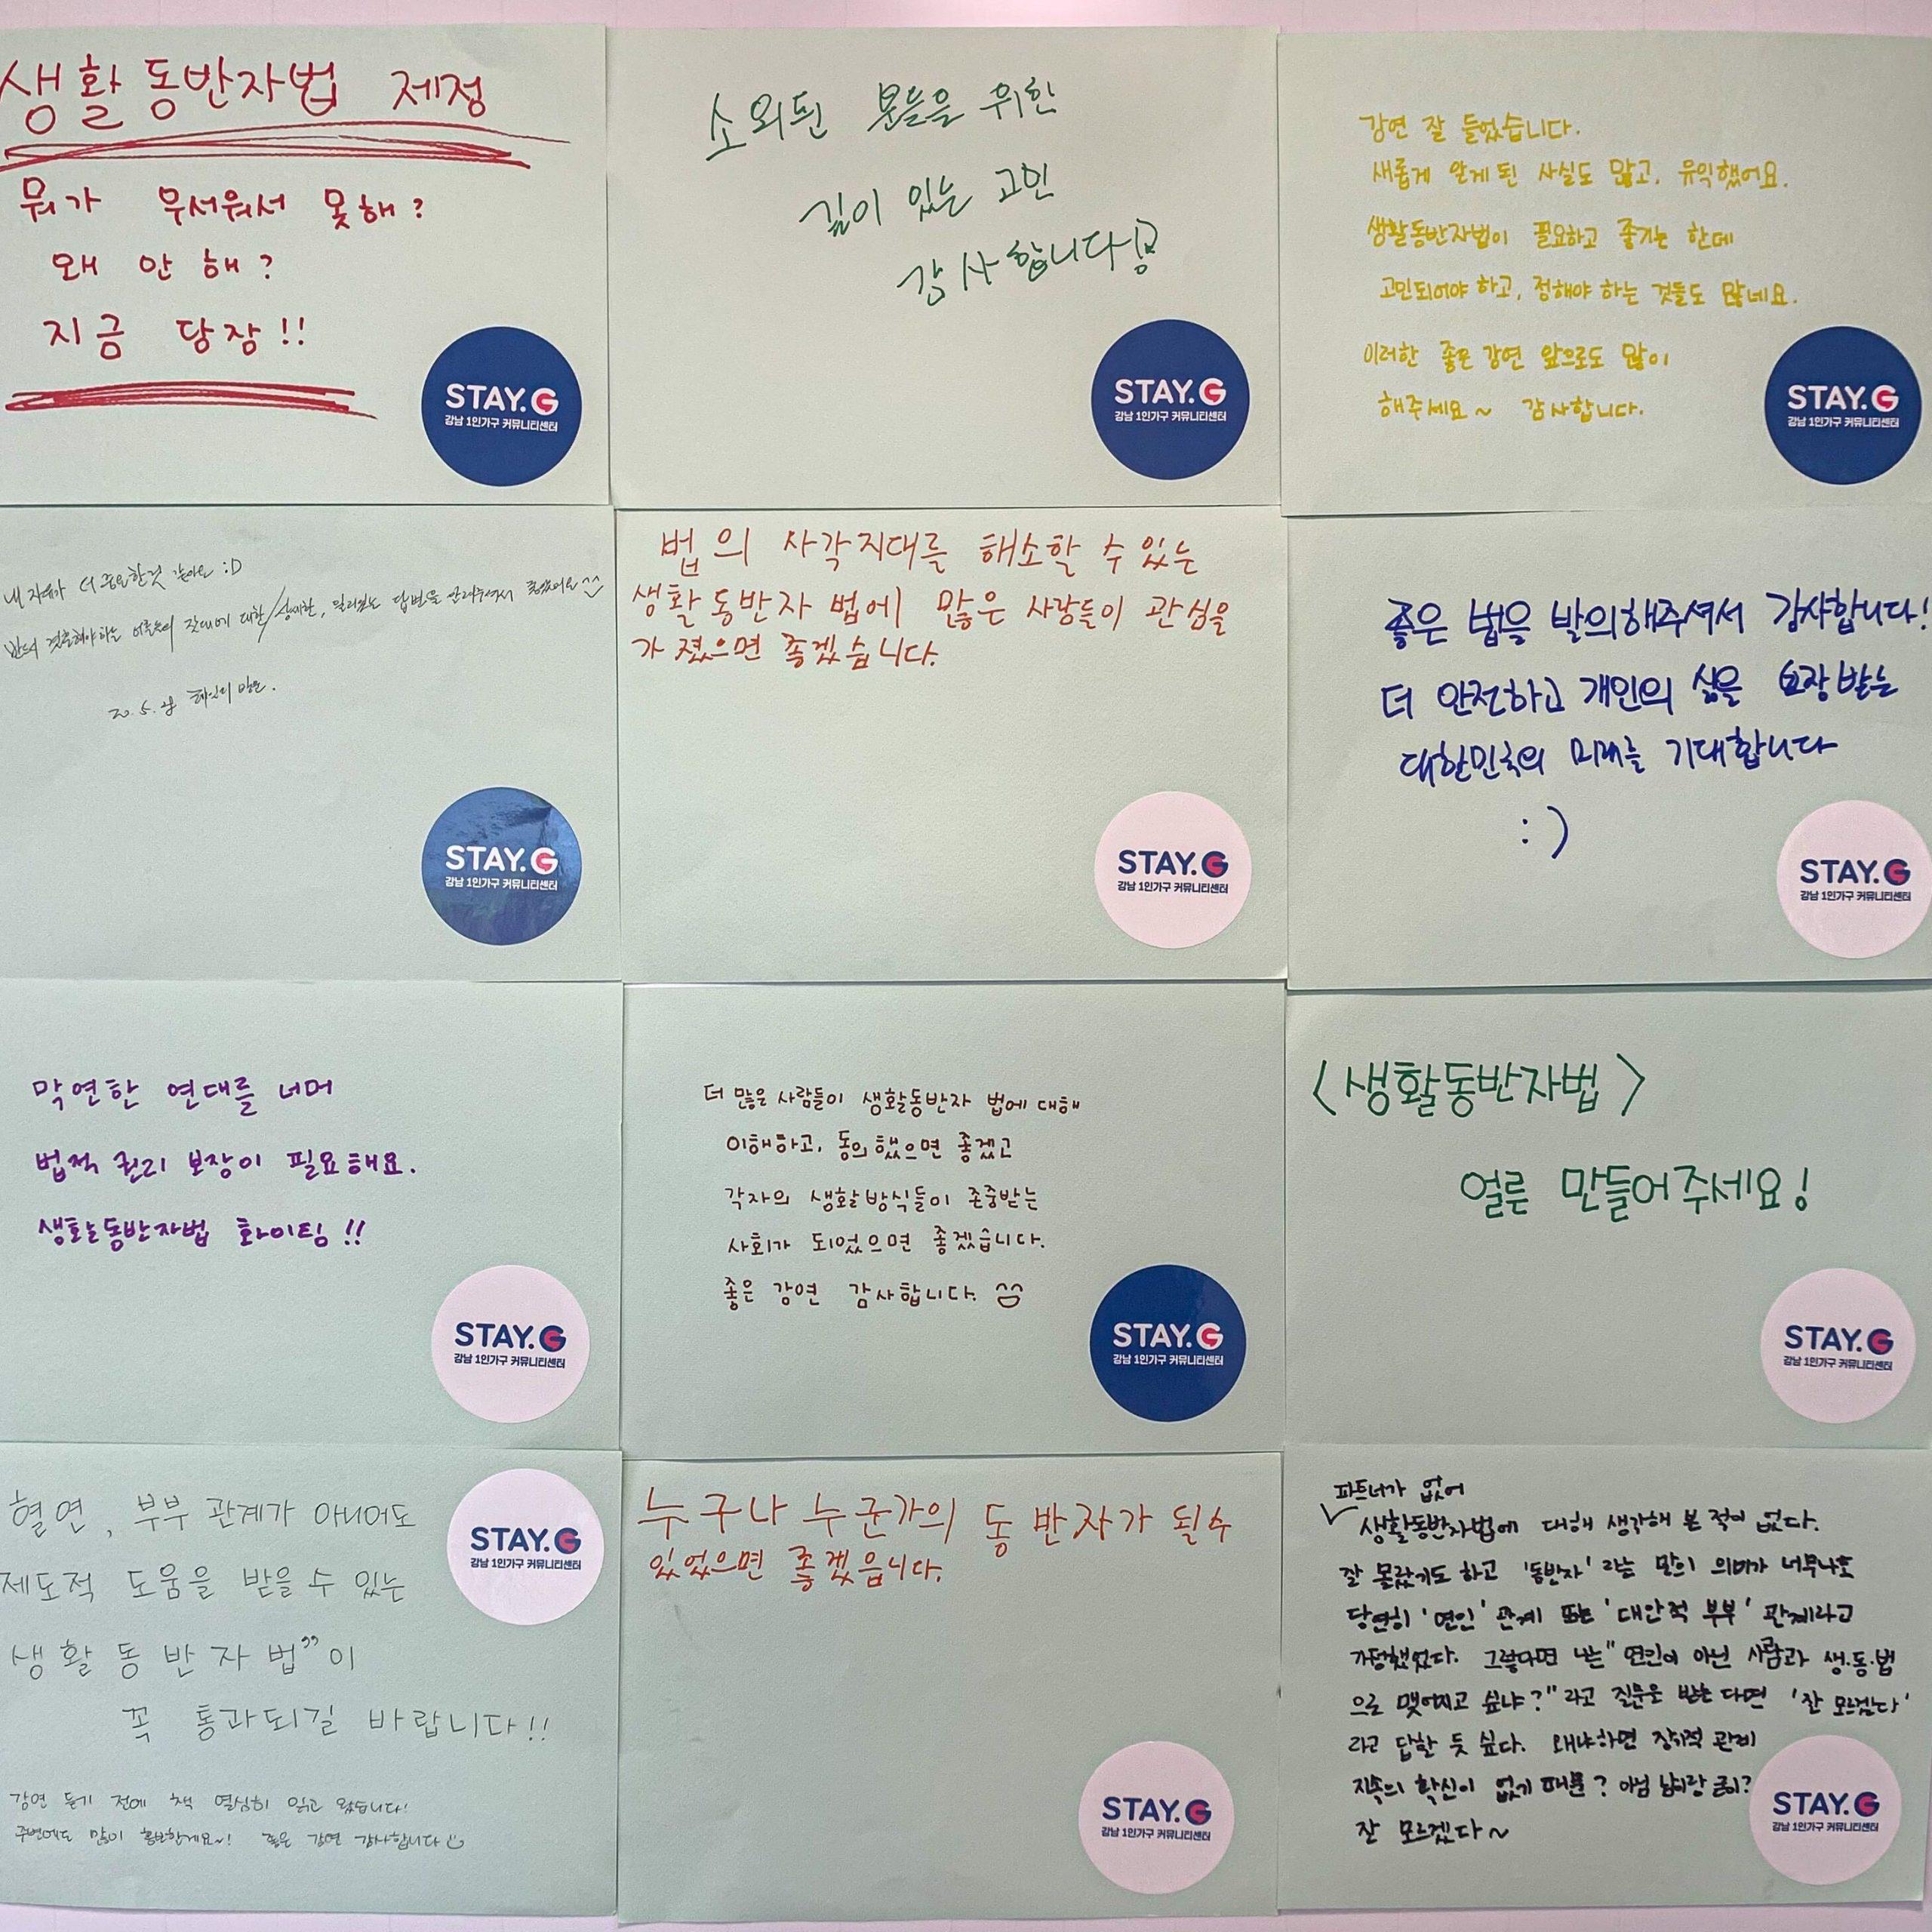 [1인가구 특화강연] 황두영 작가 <외롭지 않을 권리>